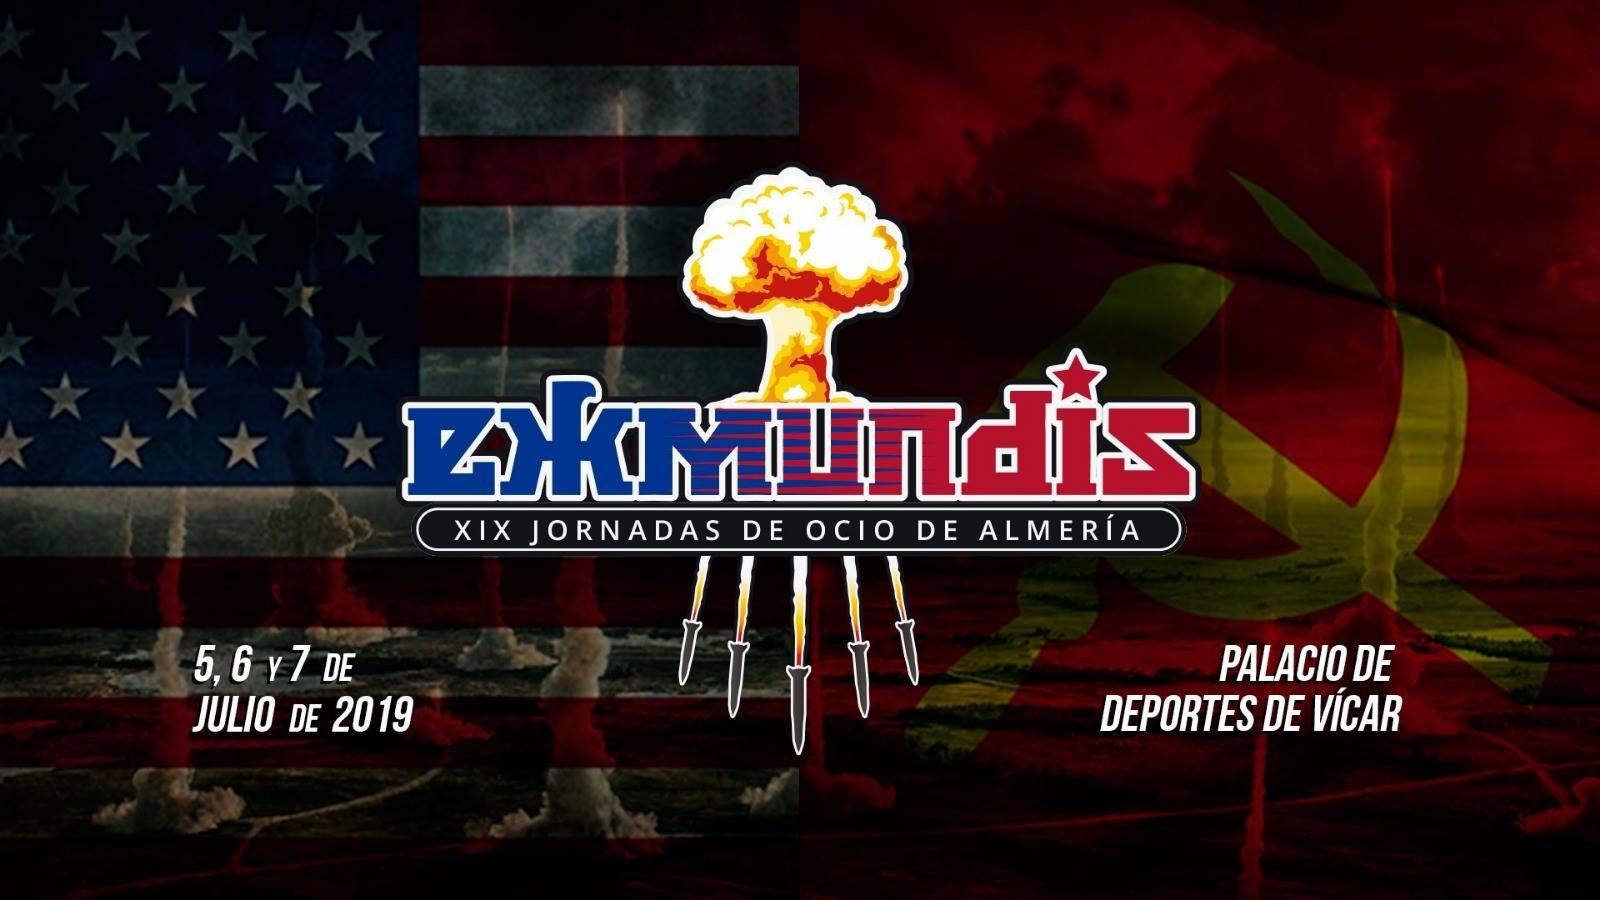 Ex Mundis